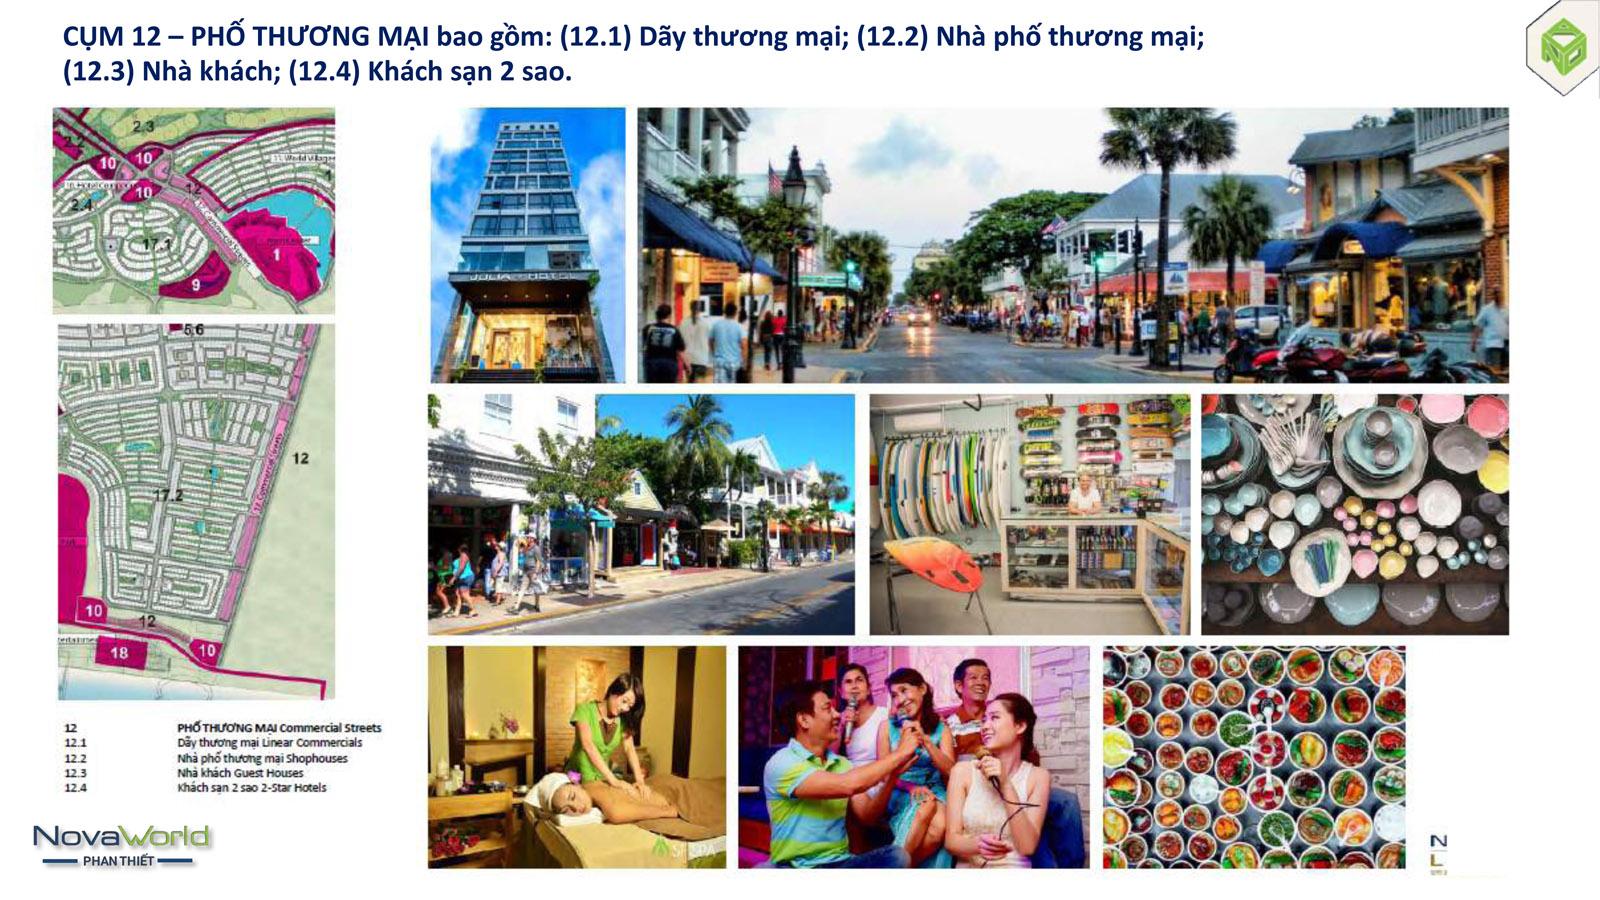 Cụm tiện ích Nhà phố thương mại dự án NovaWorld Phan Thiết